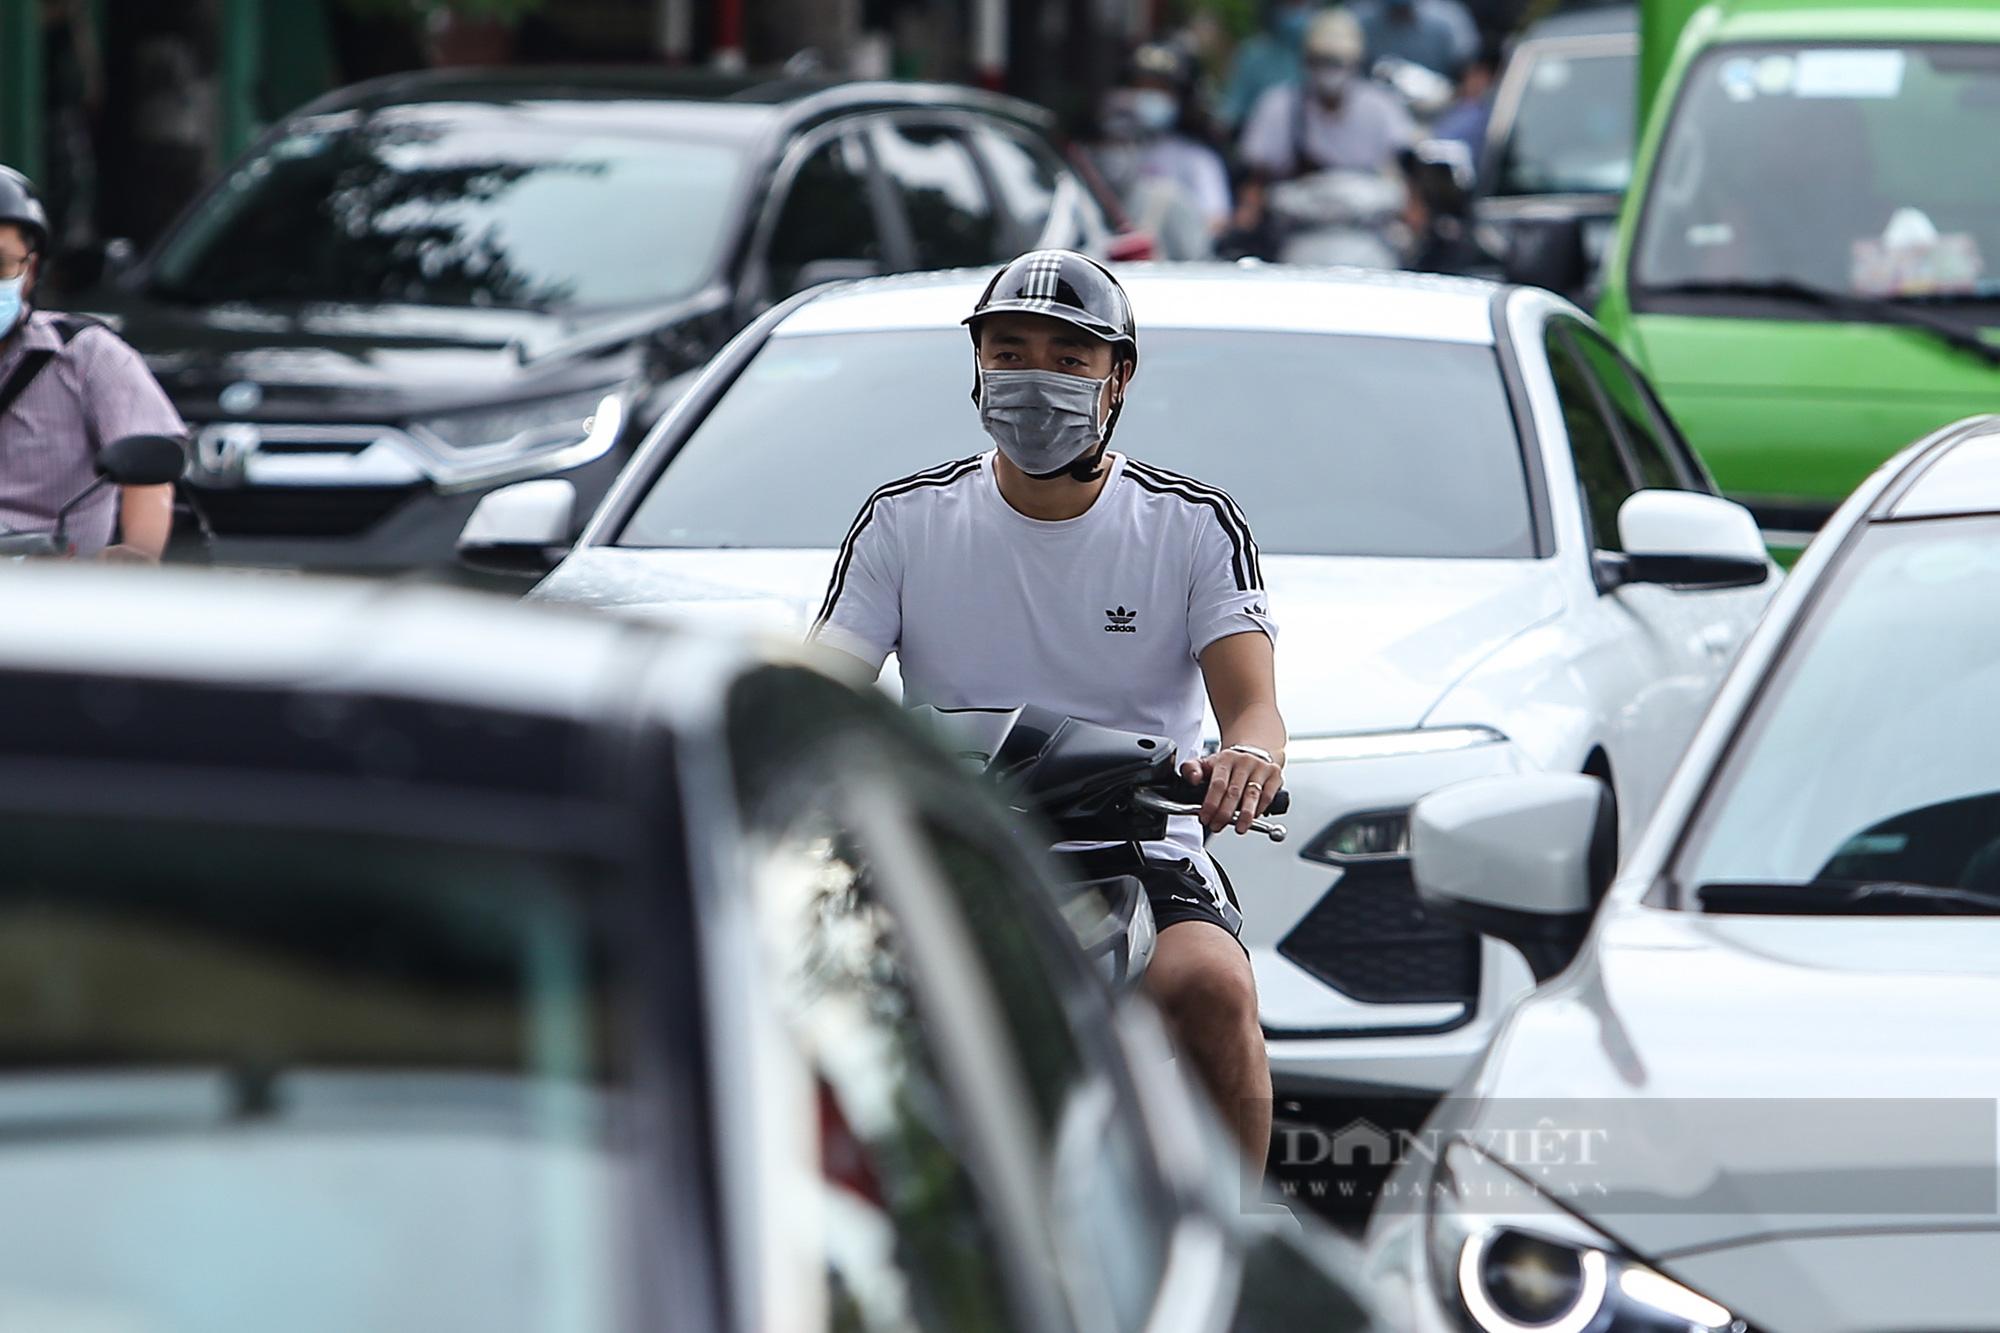 Ảnh: Đường phố Hà Nội đông nghịt xe cộ sau khi có quyết định nới lỏng giãn cách - Ảnh 10.